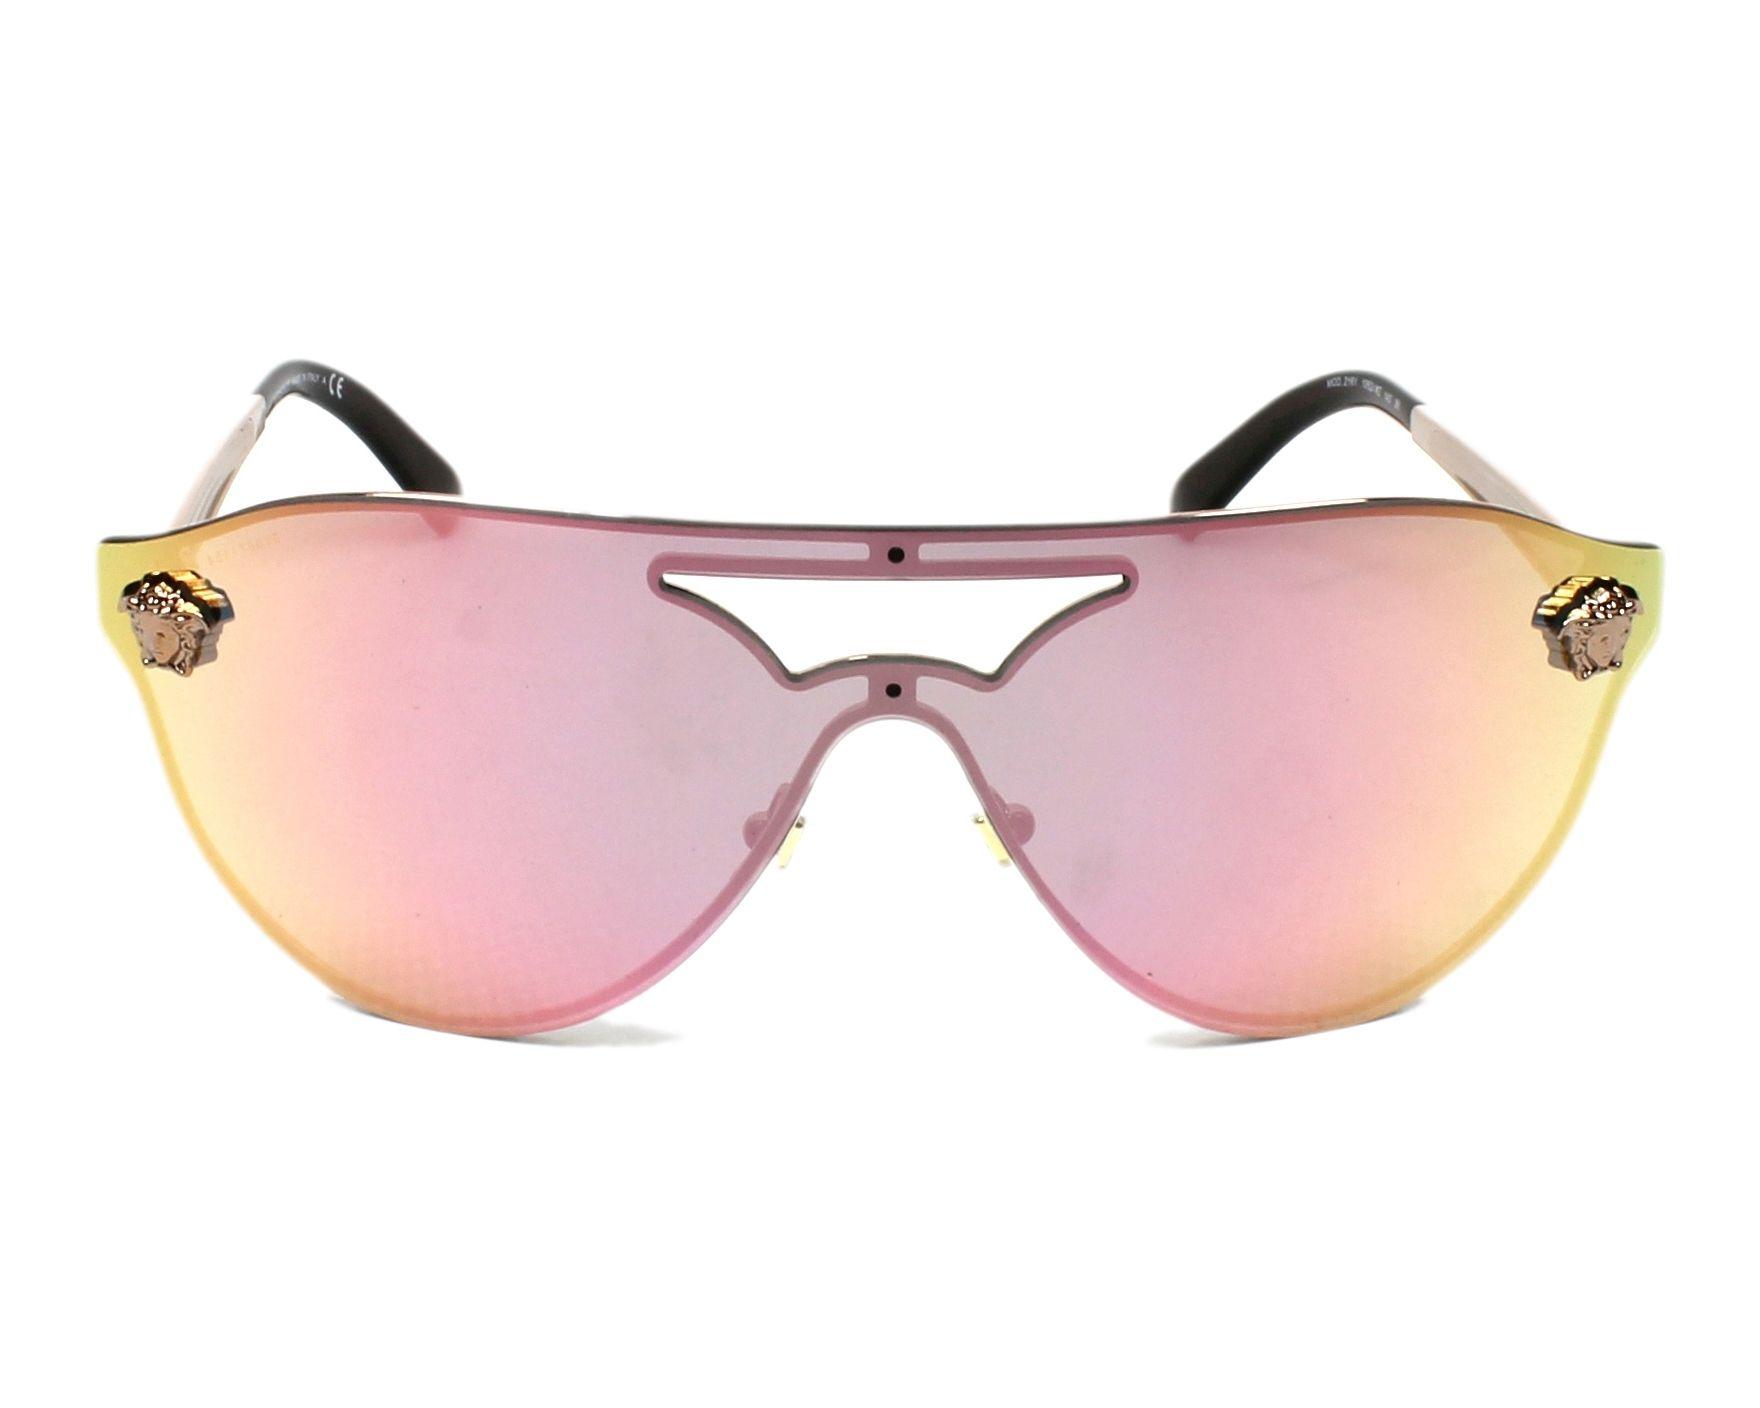 ff6439a0656 Lunettes de soleil Versace VE-2161 1052 4Z - Or vue de face